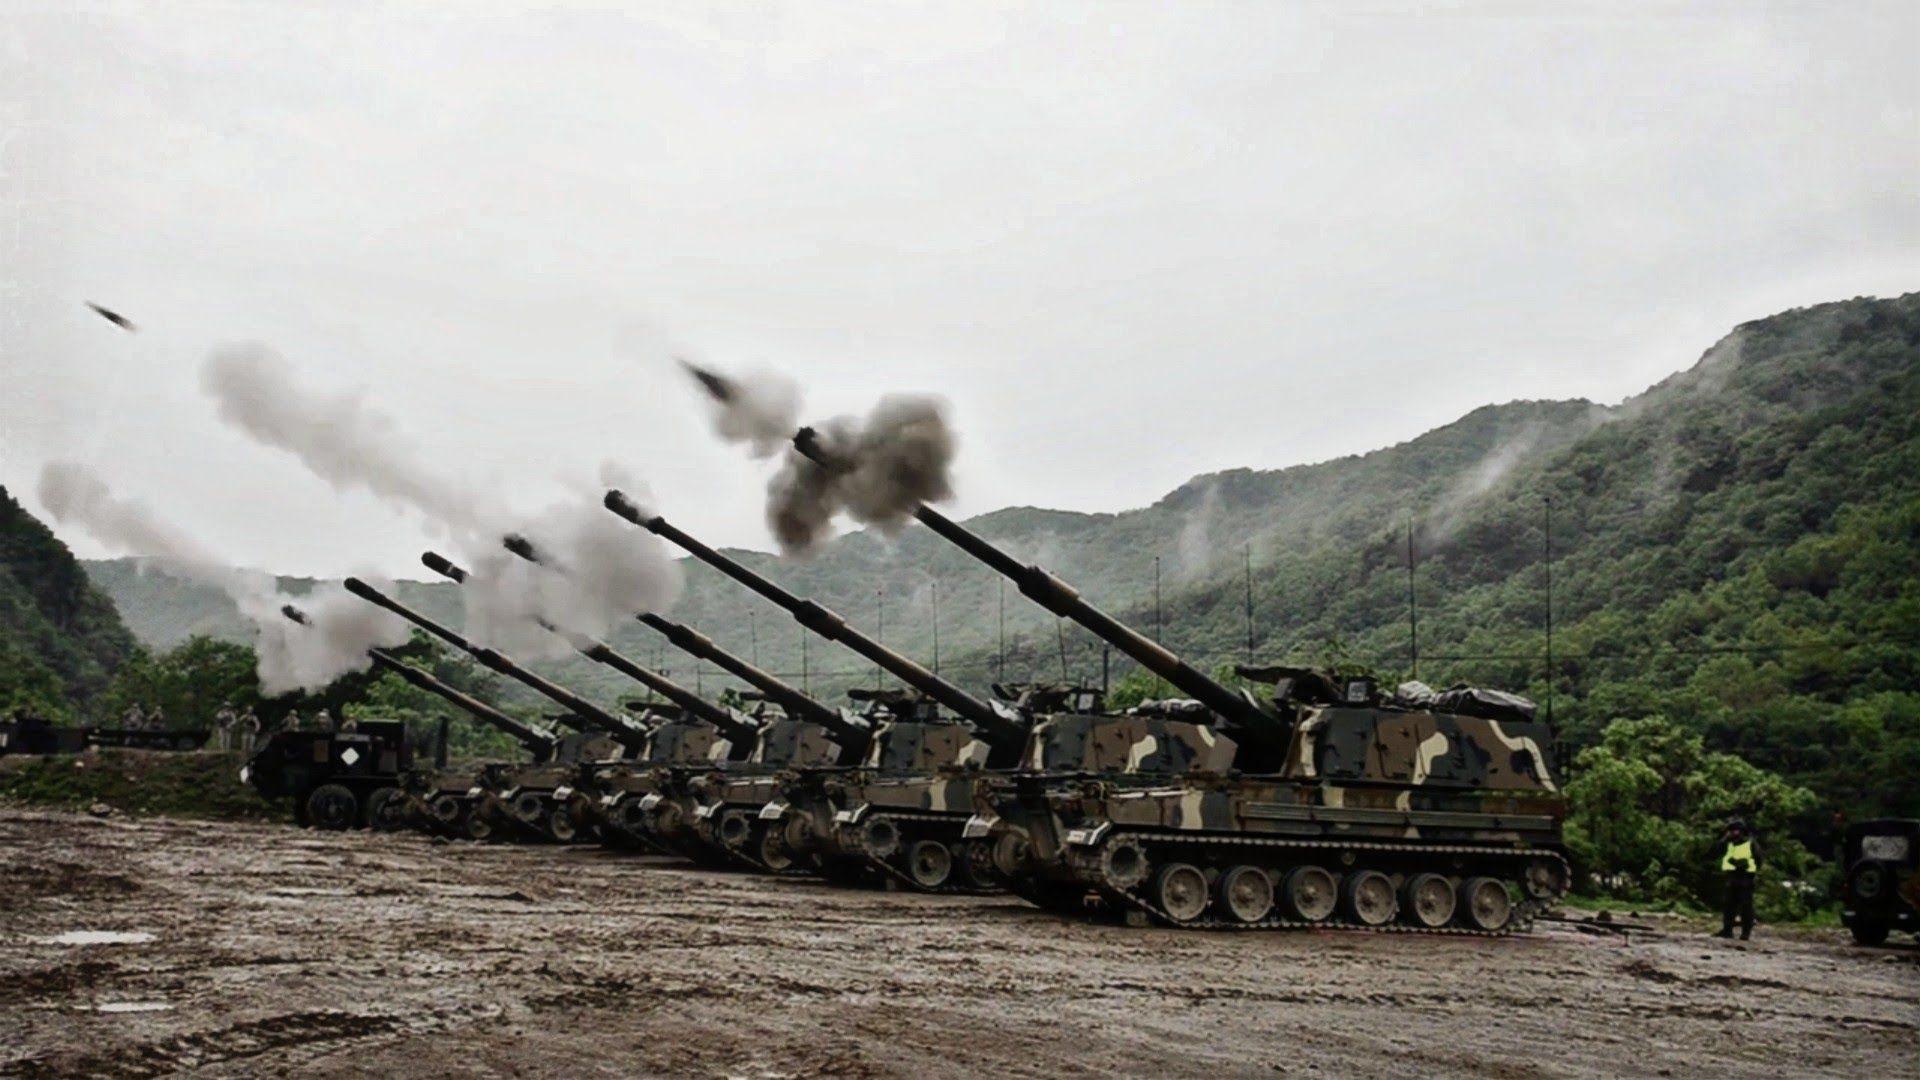 Statele Unite rămân principala țară exportatoare de armament